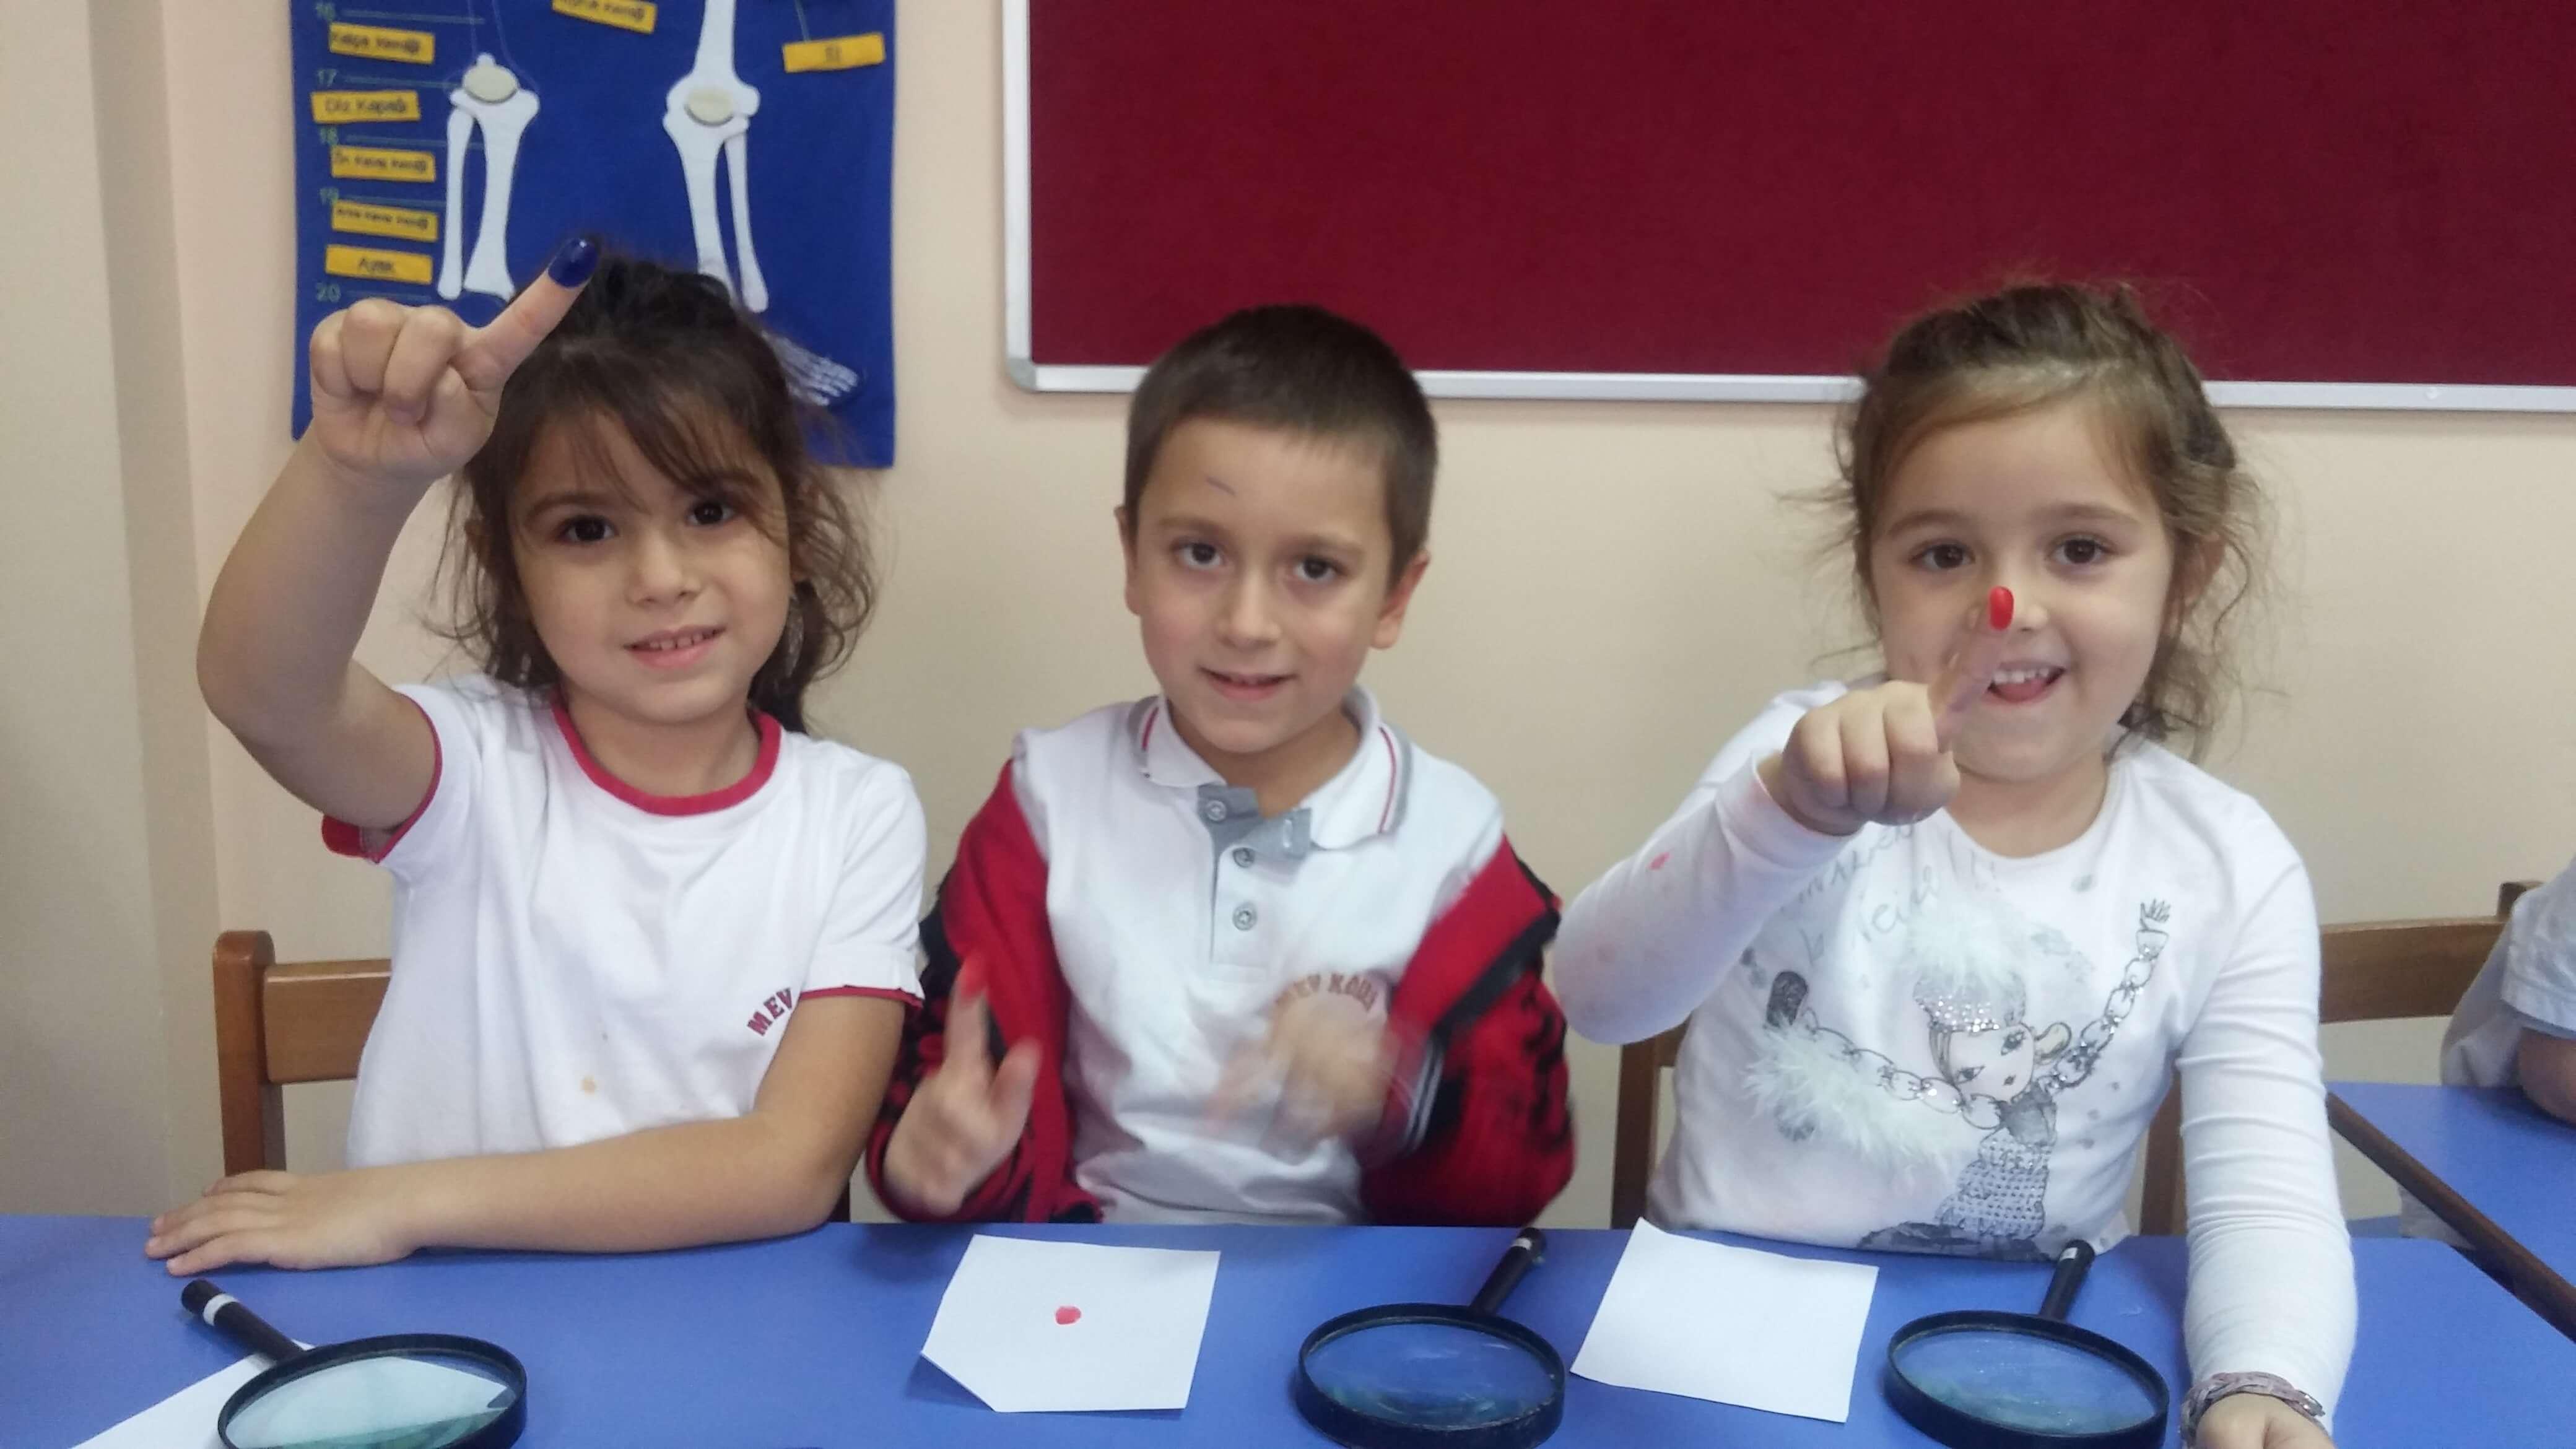 Ana Sınıfı Öğrencilerimiz Herkesin Parmak İzinin Farklı Olduğunu Gözlemlediler